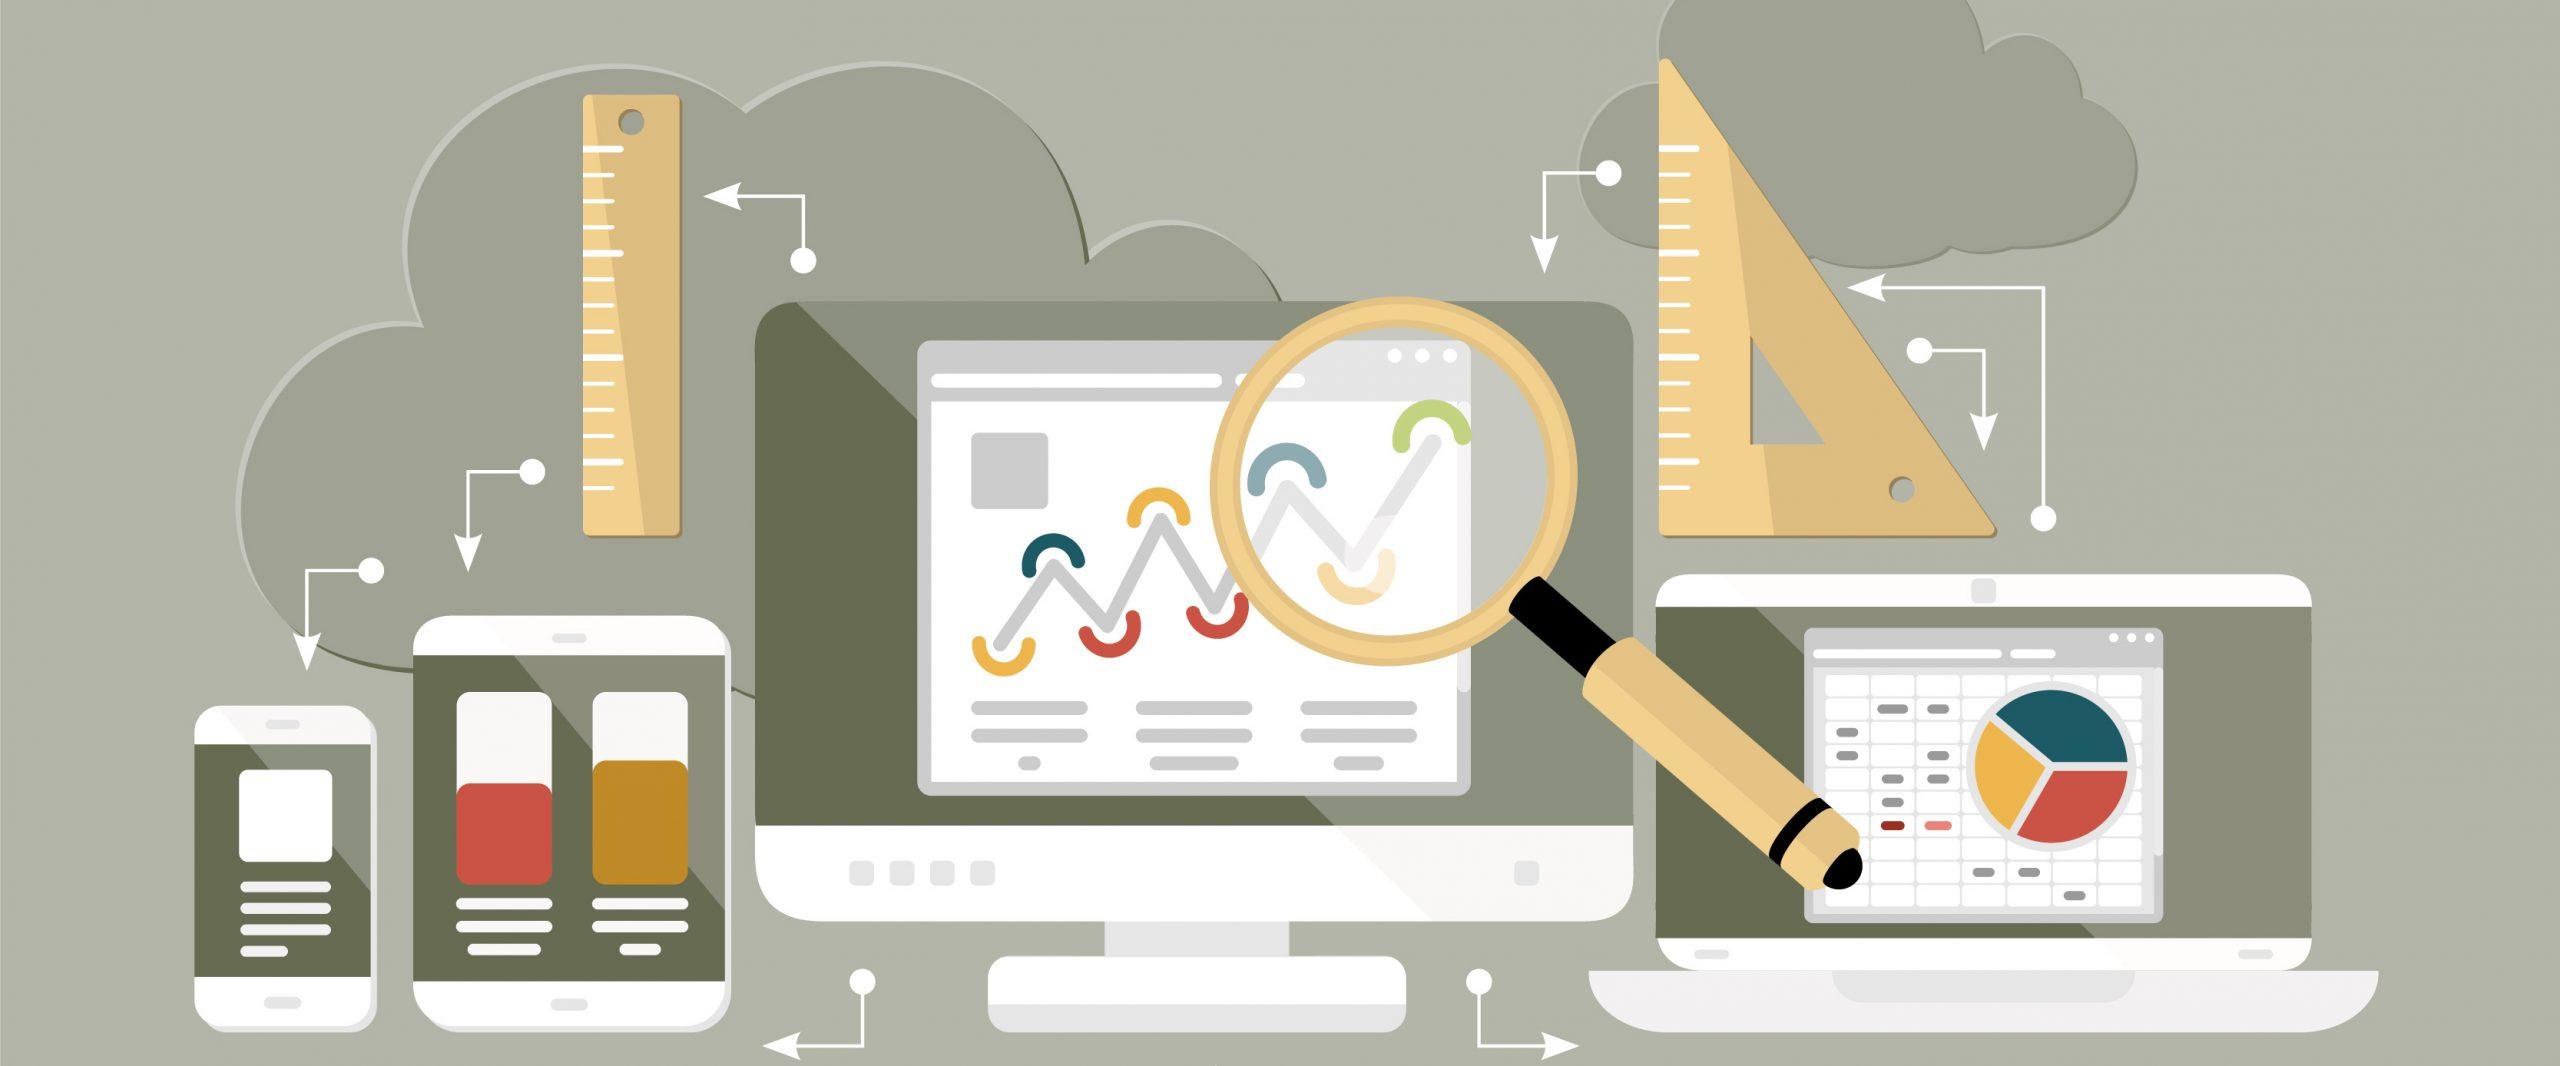 Onlinekurs Google Analytics för marknadsförare